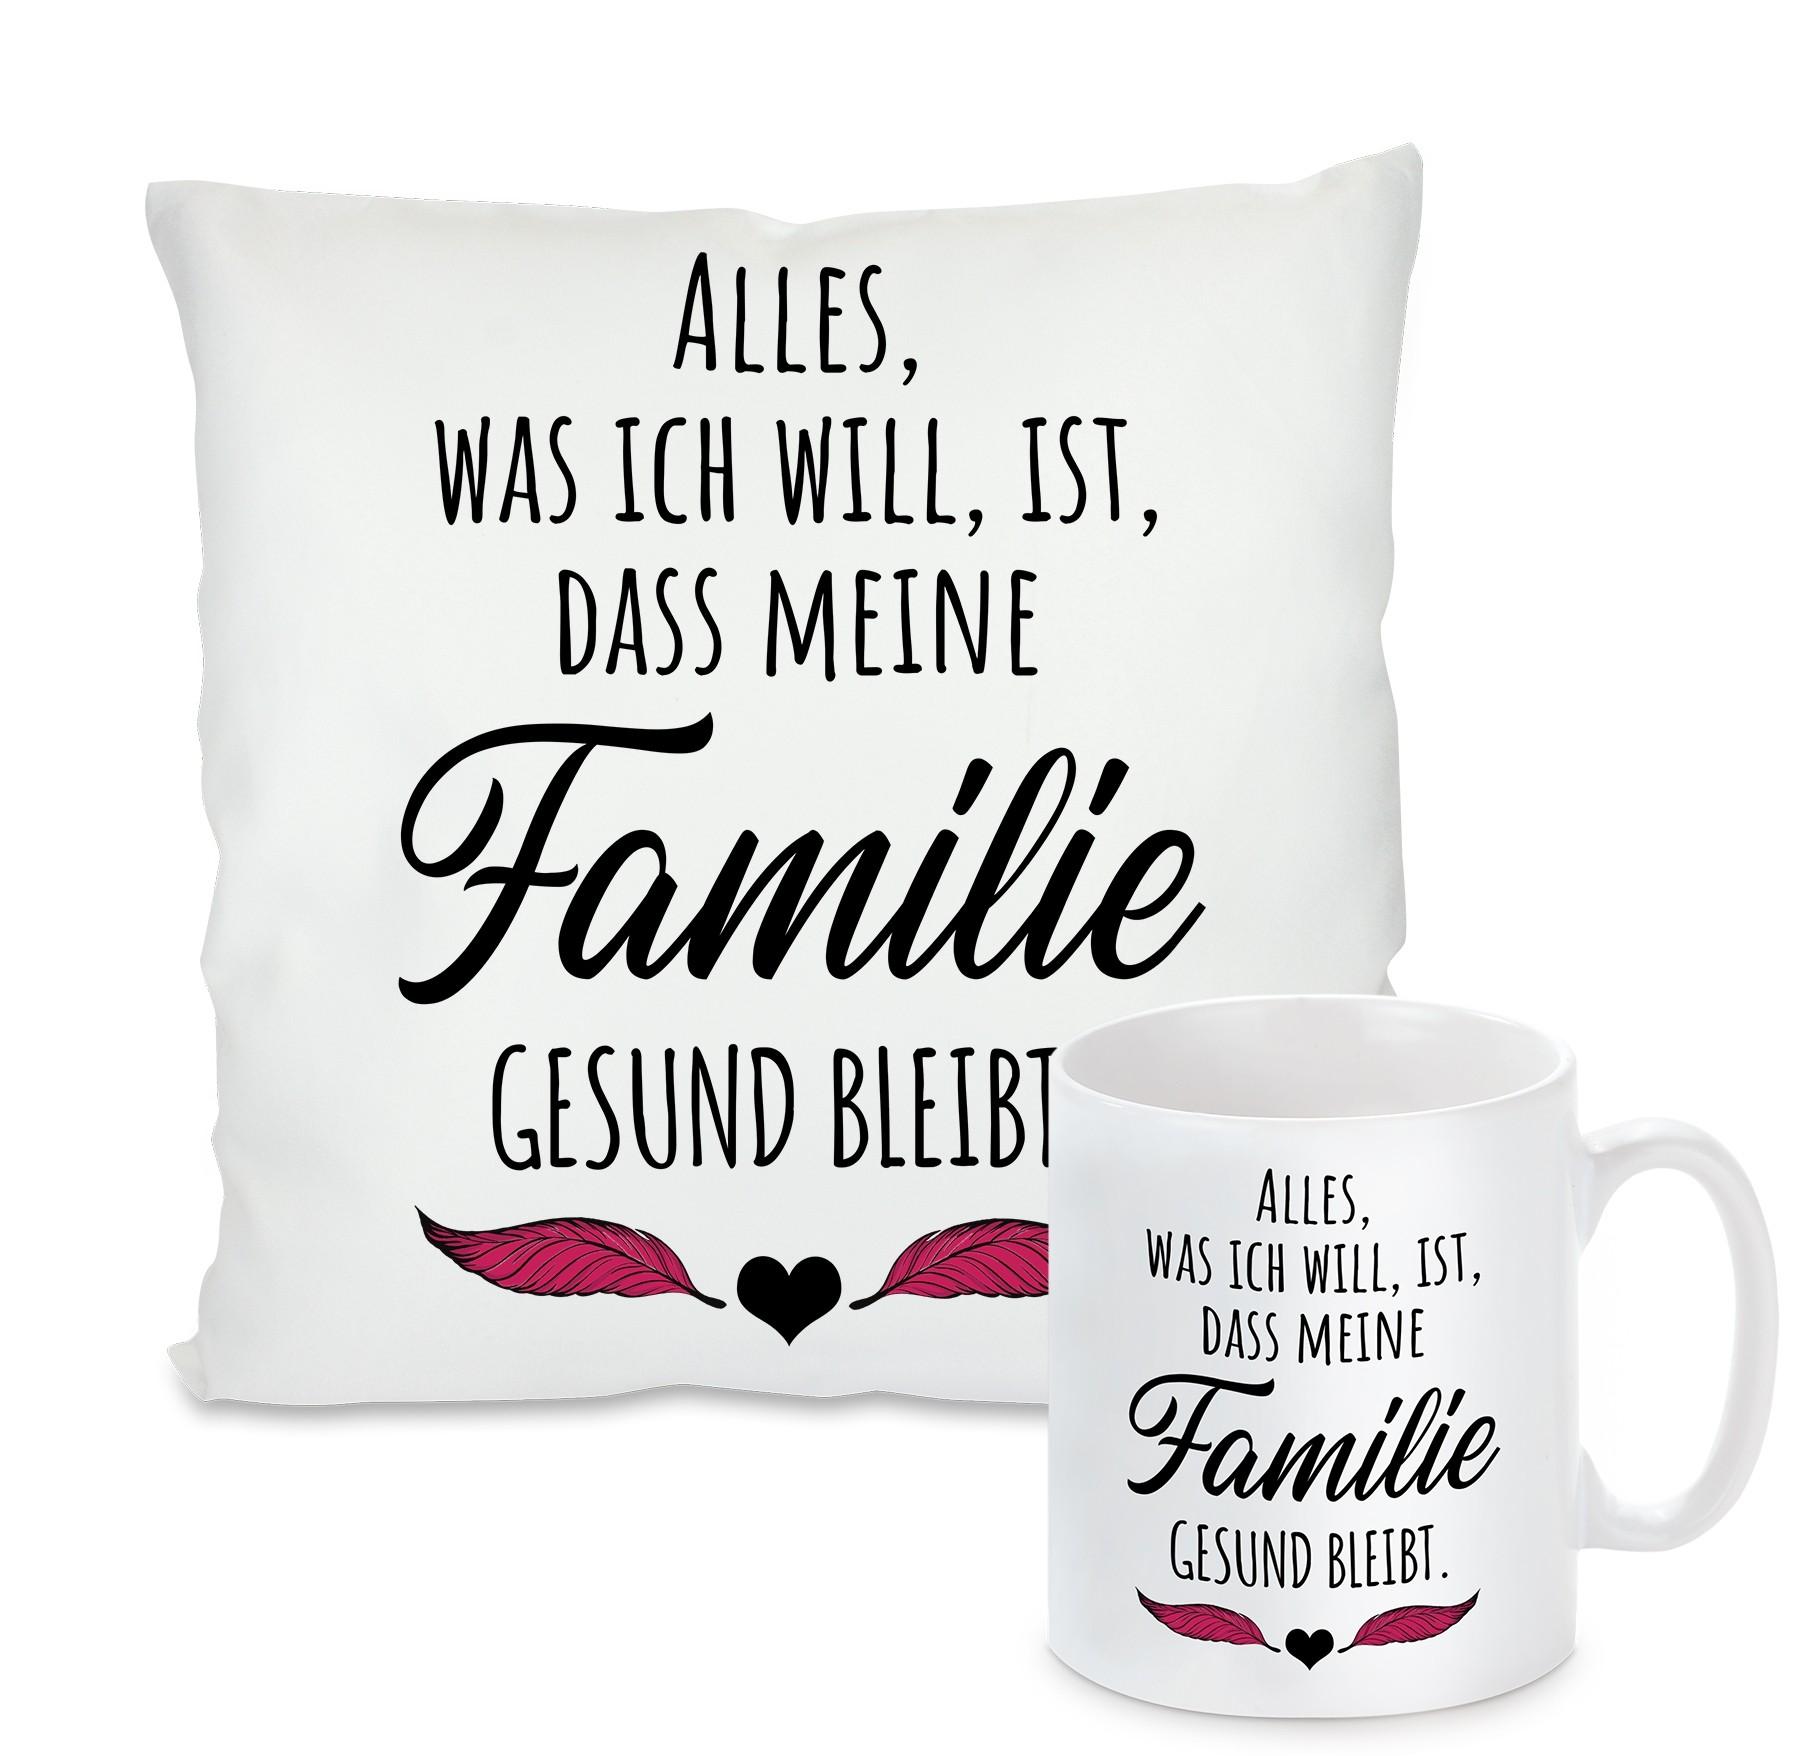 Kissen oder Tasse: Alles, was ich will, ist, dass meine Familie gesund bleibt.